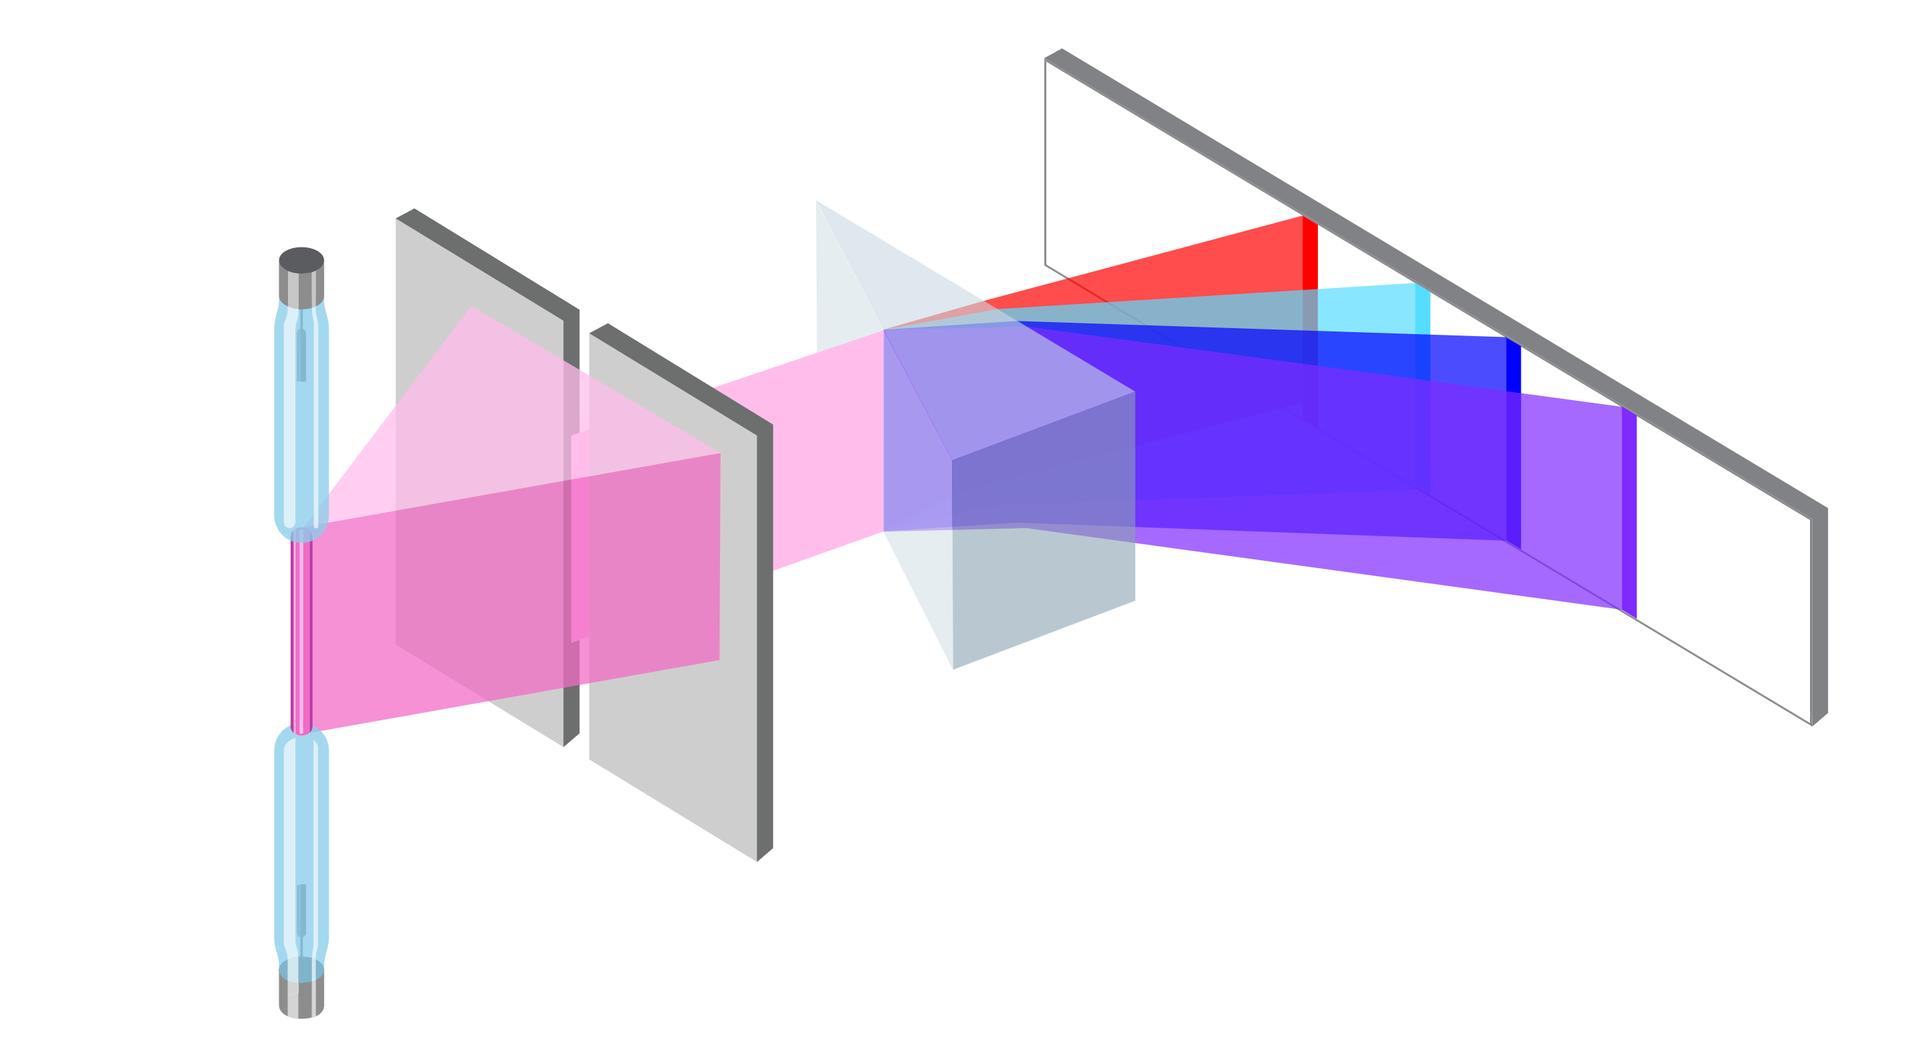 Ilustracja przedstawia sposób uzyskania widma emisyjnego przy pomocy szkolnego pryzmatycznego spektrometru optycznego.